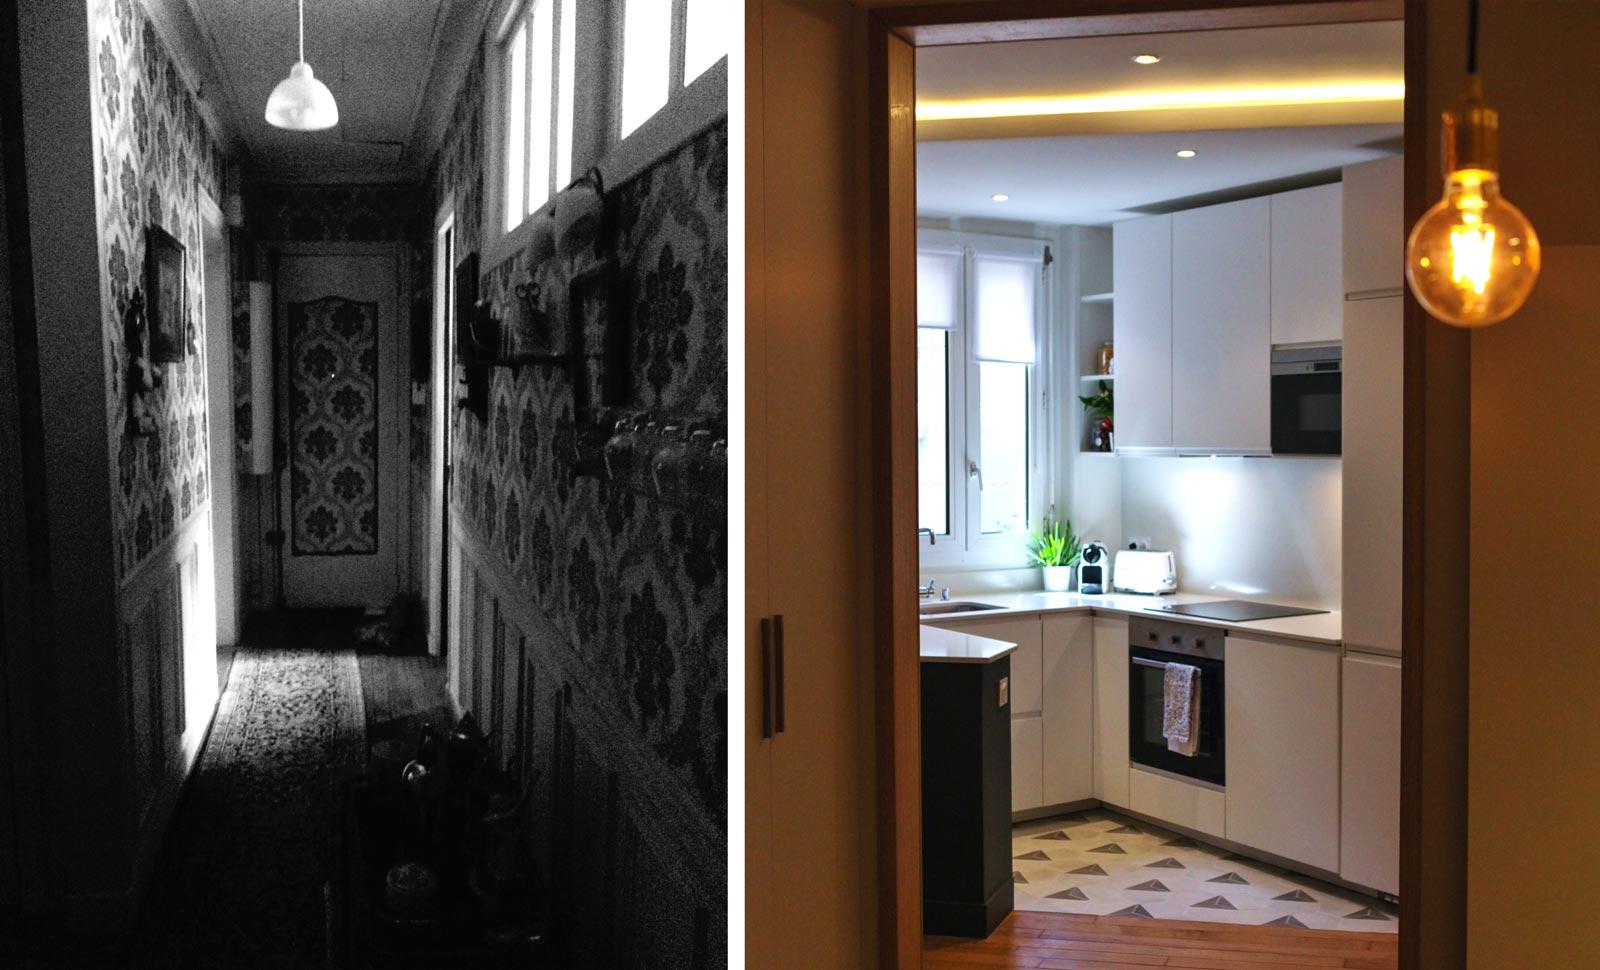 Cuisine aménagée en photo avant - après les travaux de rénovation